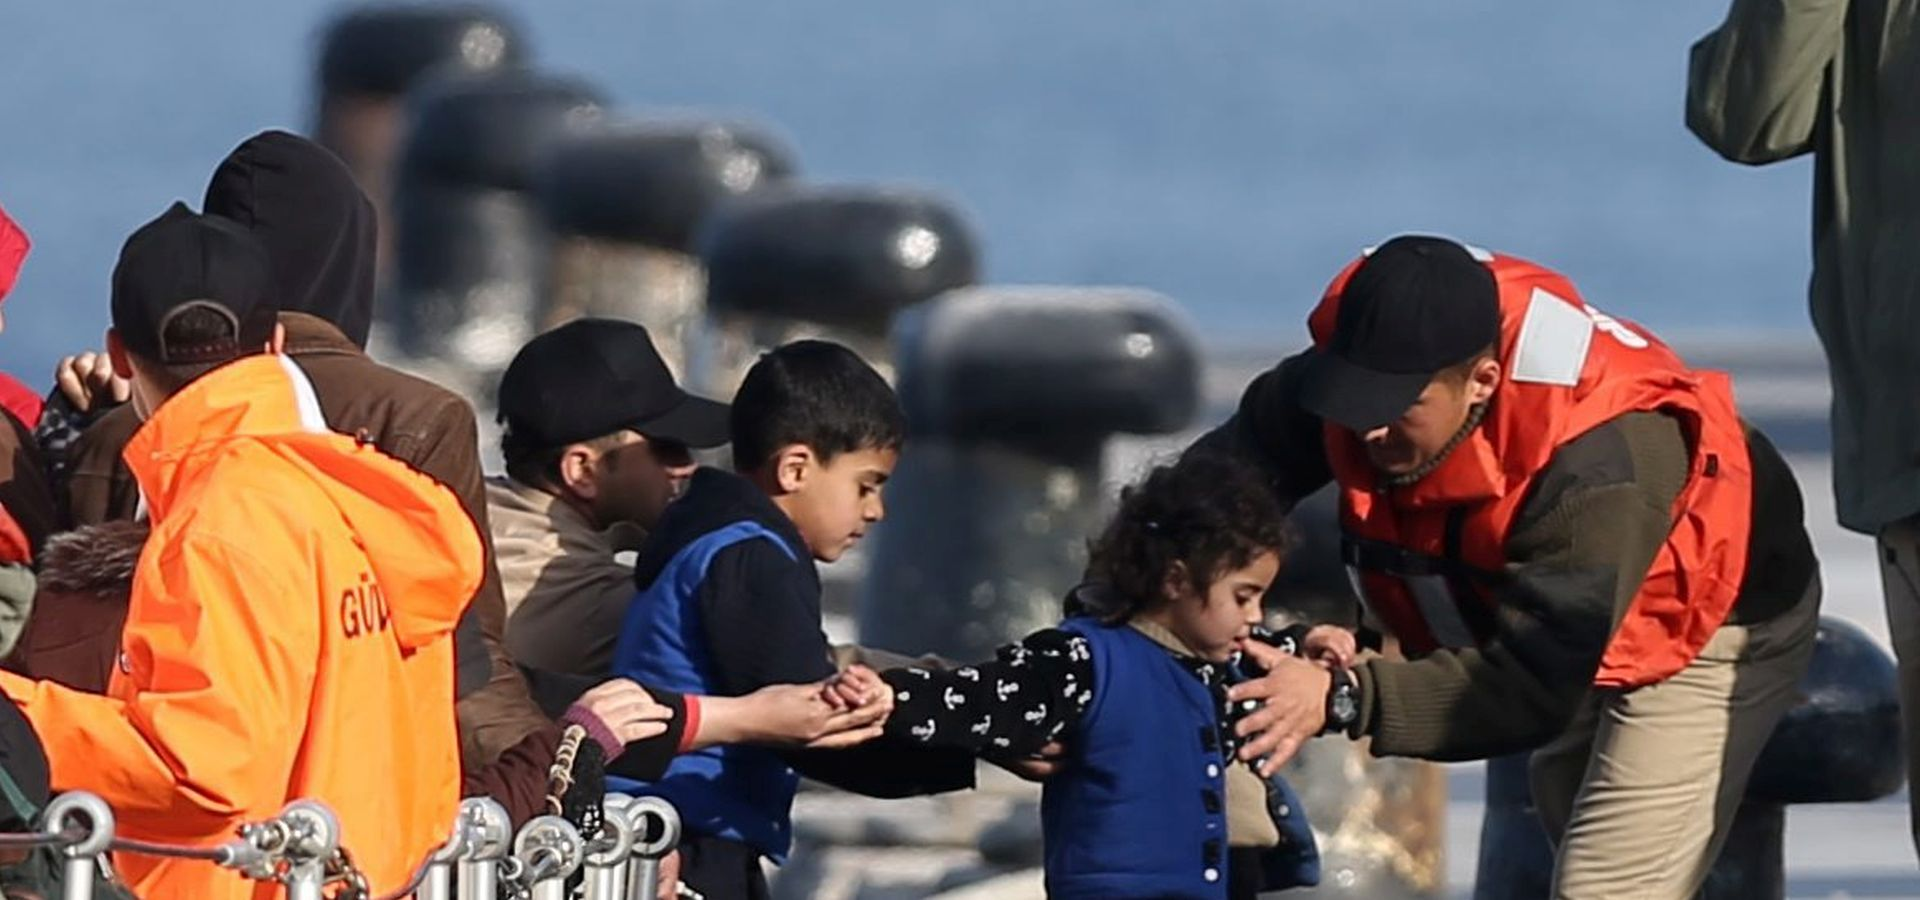 SPORAZUM EU – TURSKA: Nastavlja se deportacija izbjeglica iz Grčke u Tursku